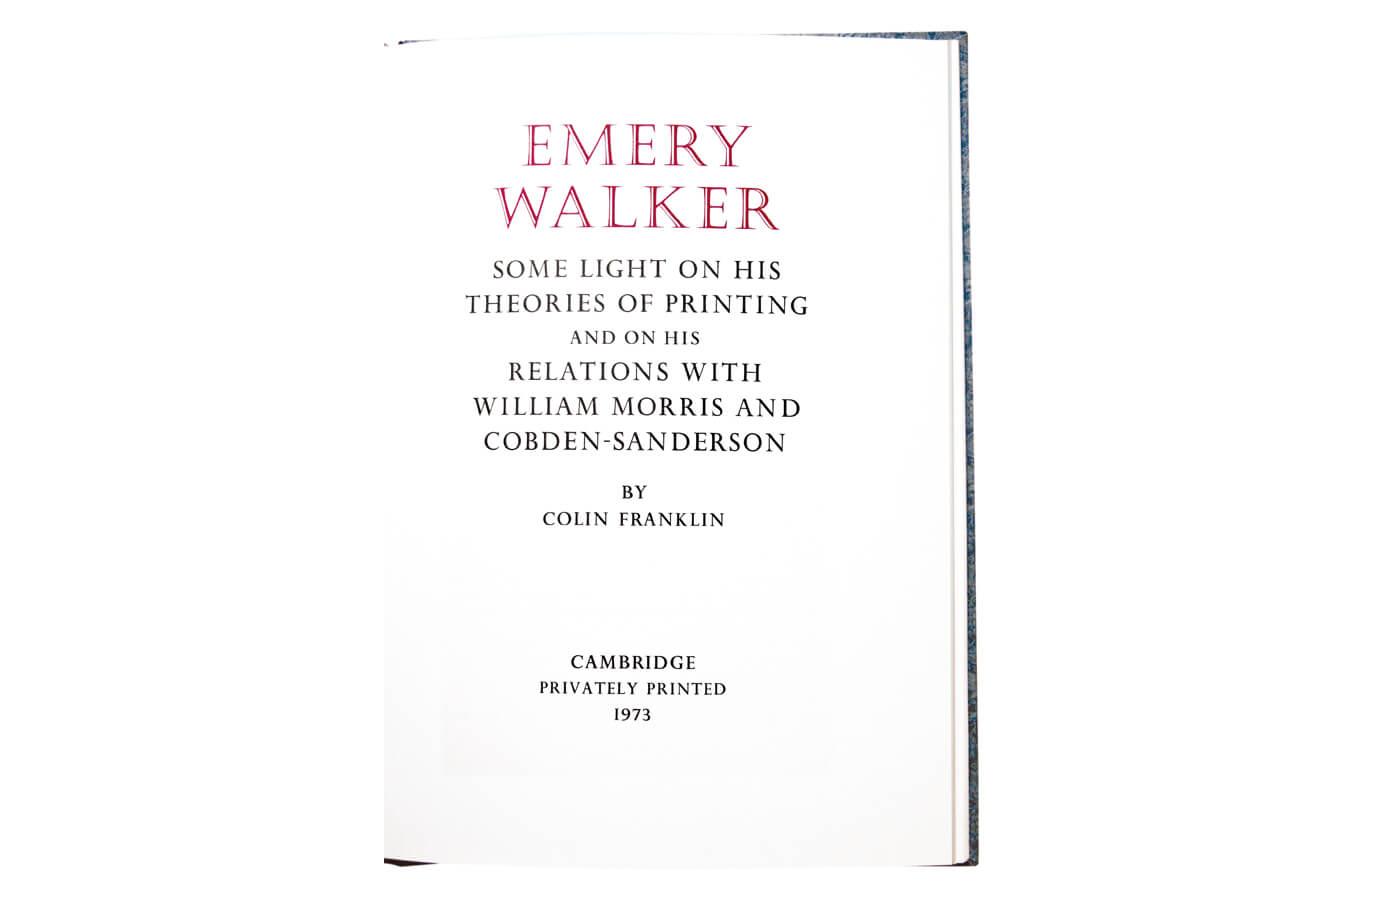 Emery Walker